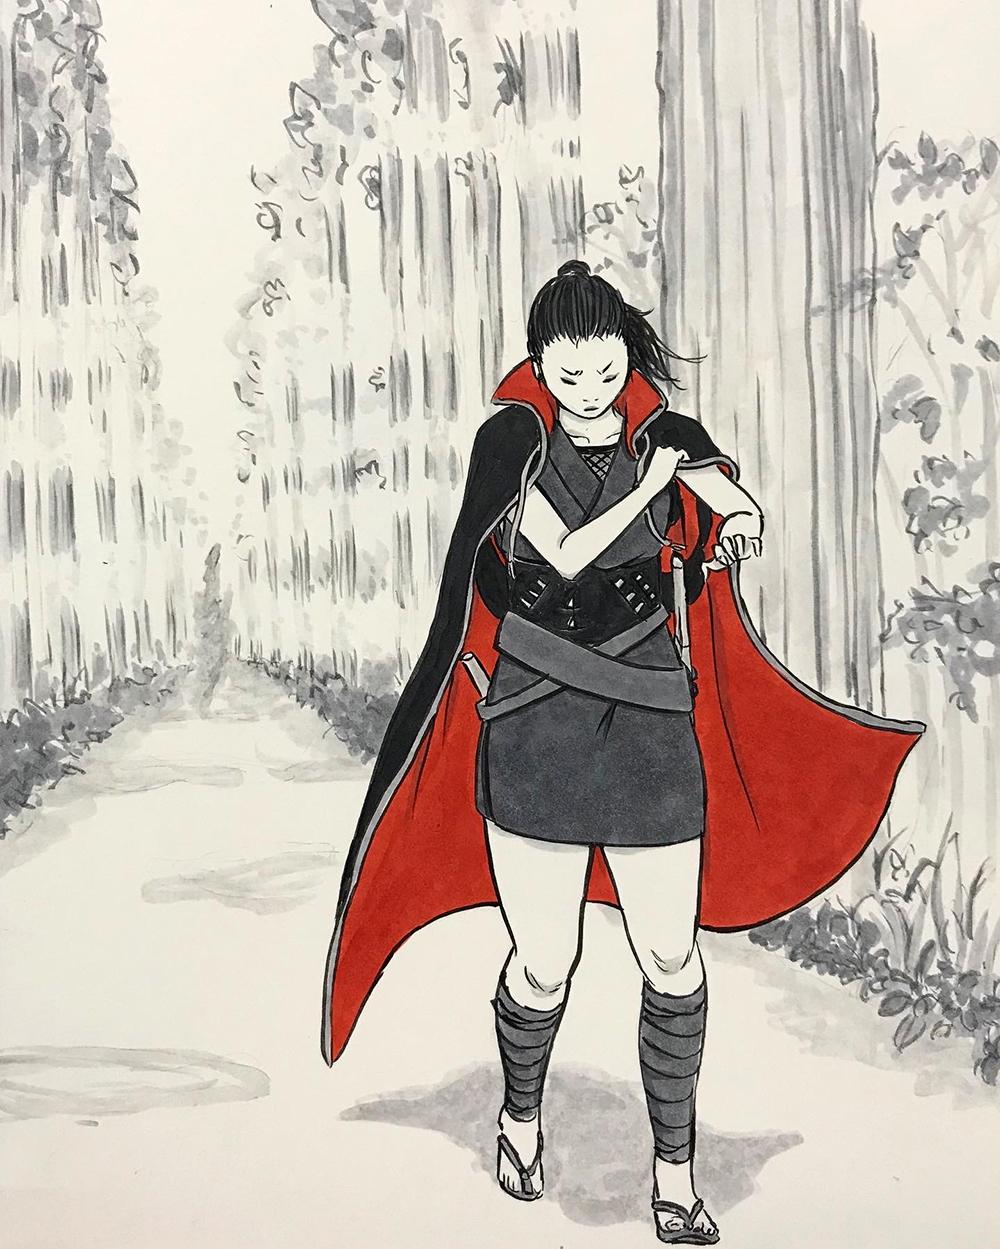 女忍者と旅の仲間 TABINONAKAMA